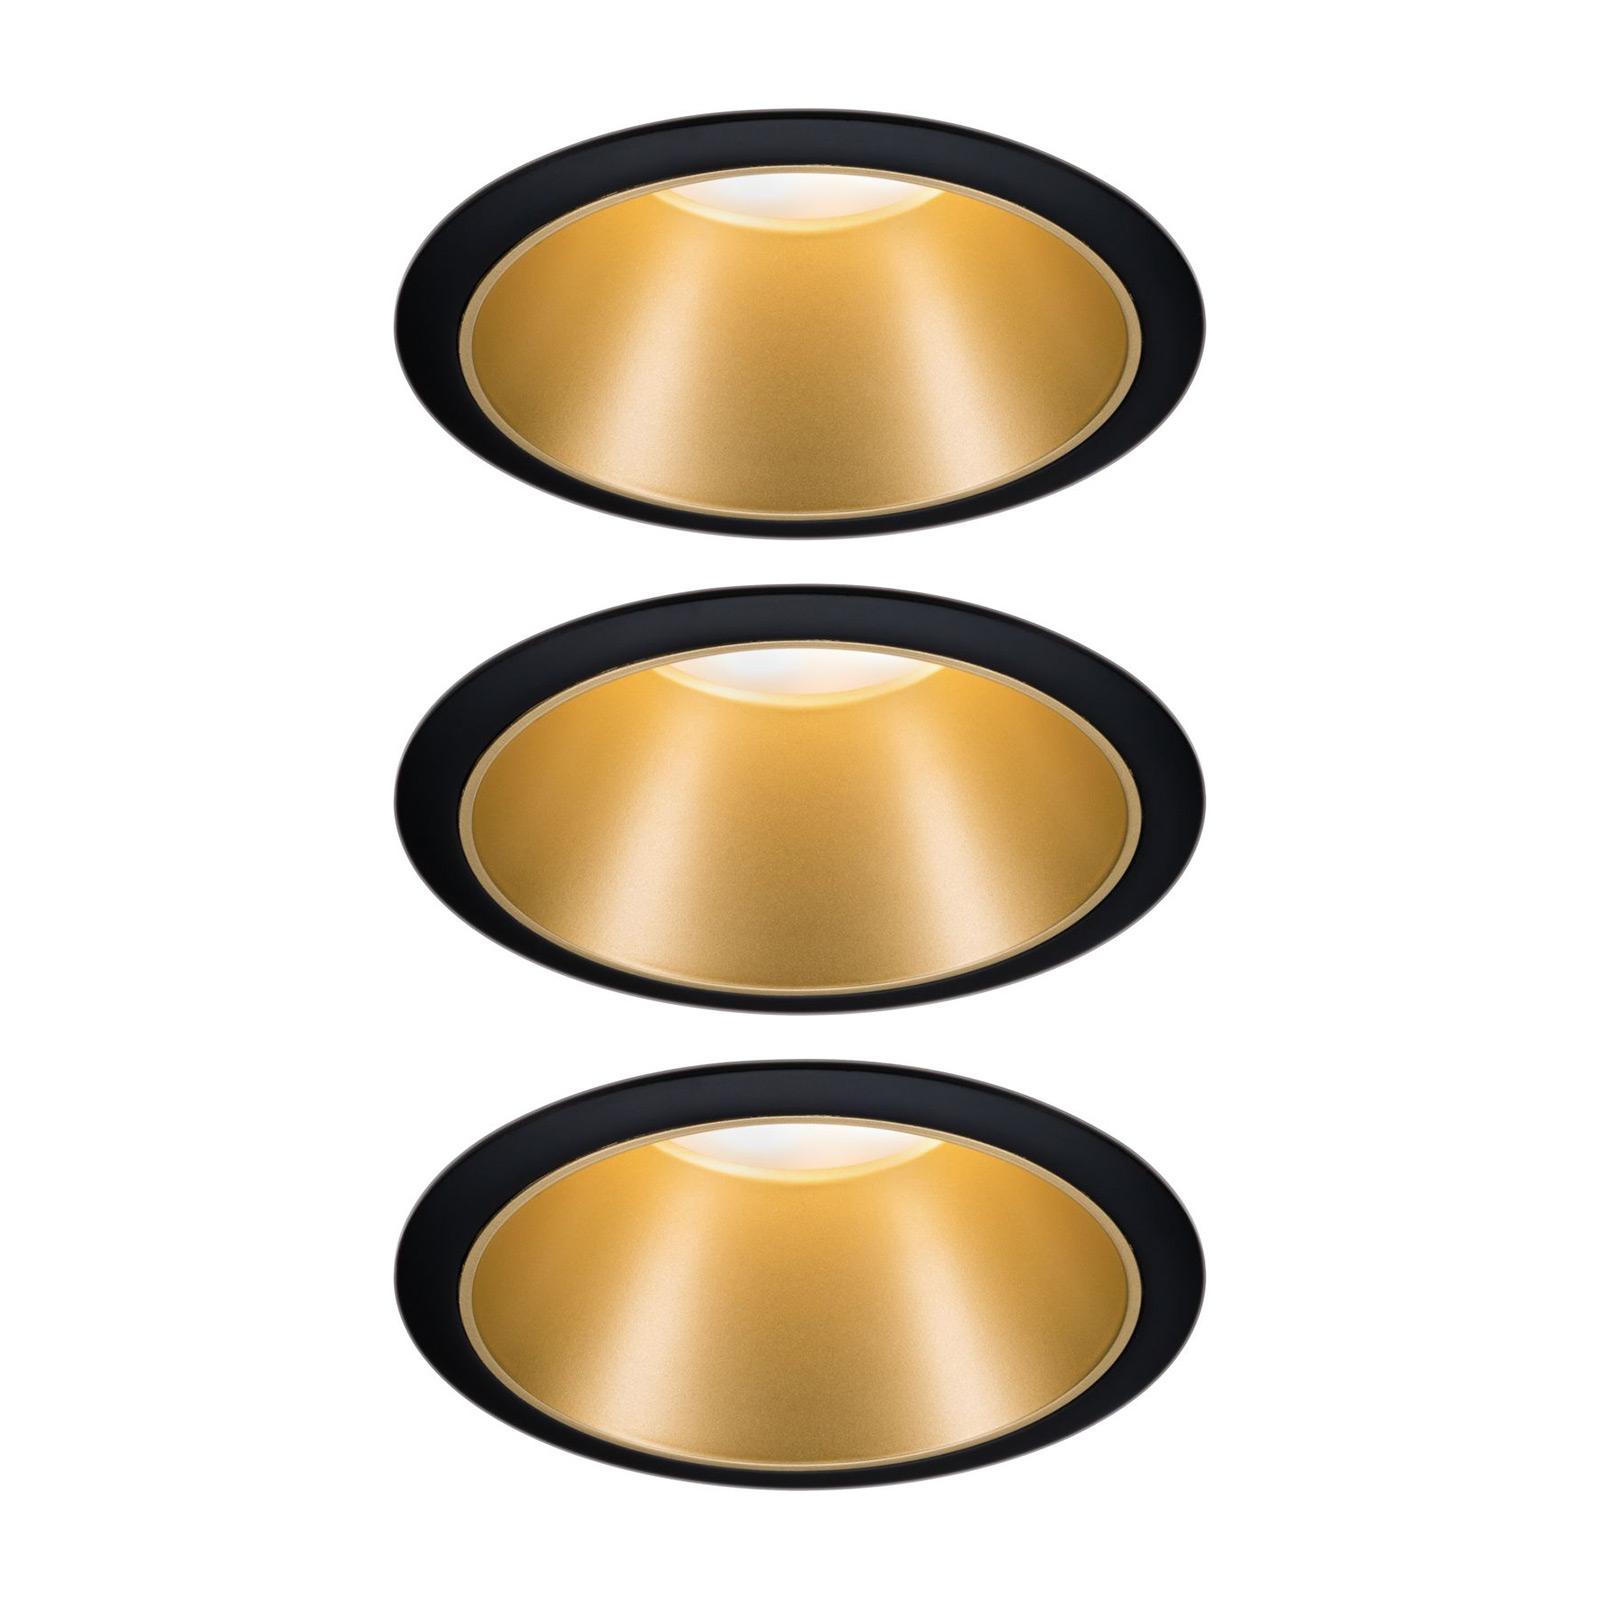 Paulmann Cole LED-spot, guld-sort, sæt med 3